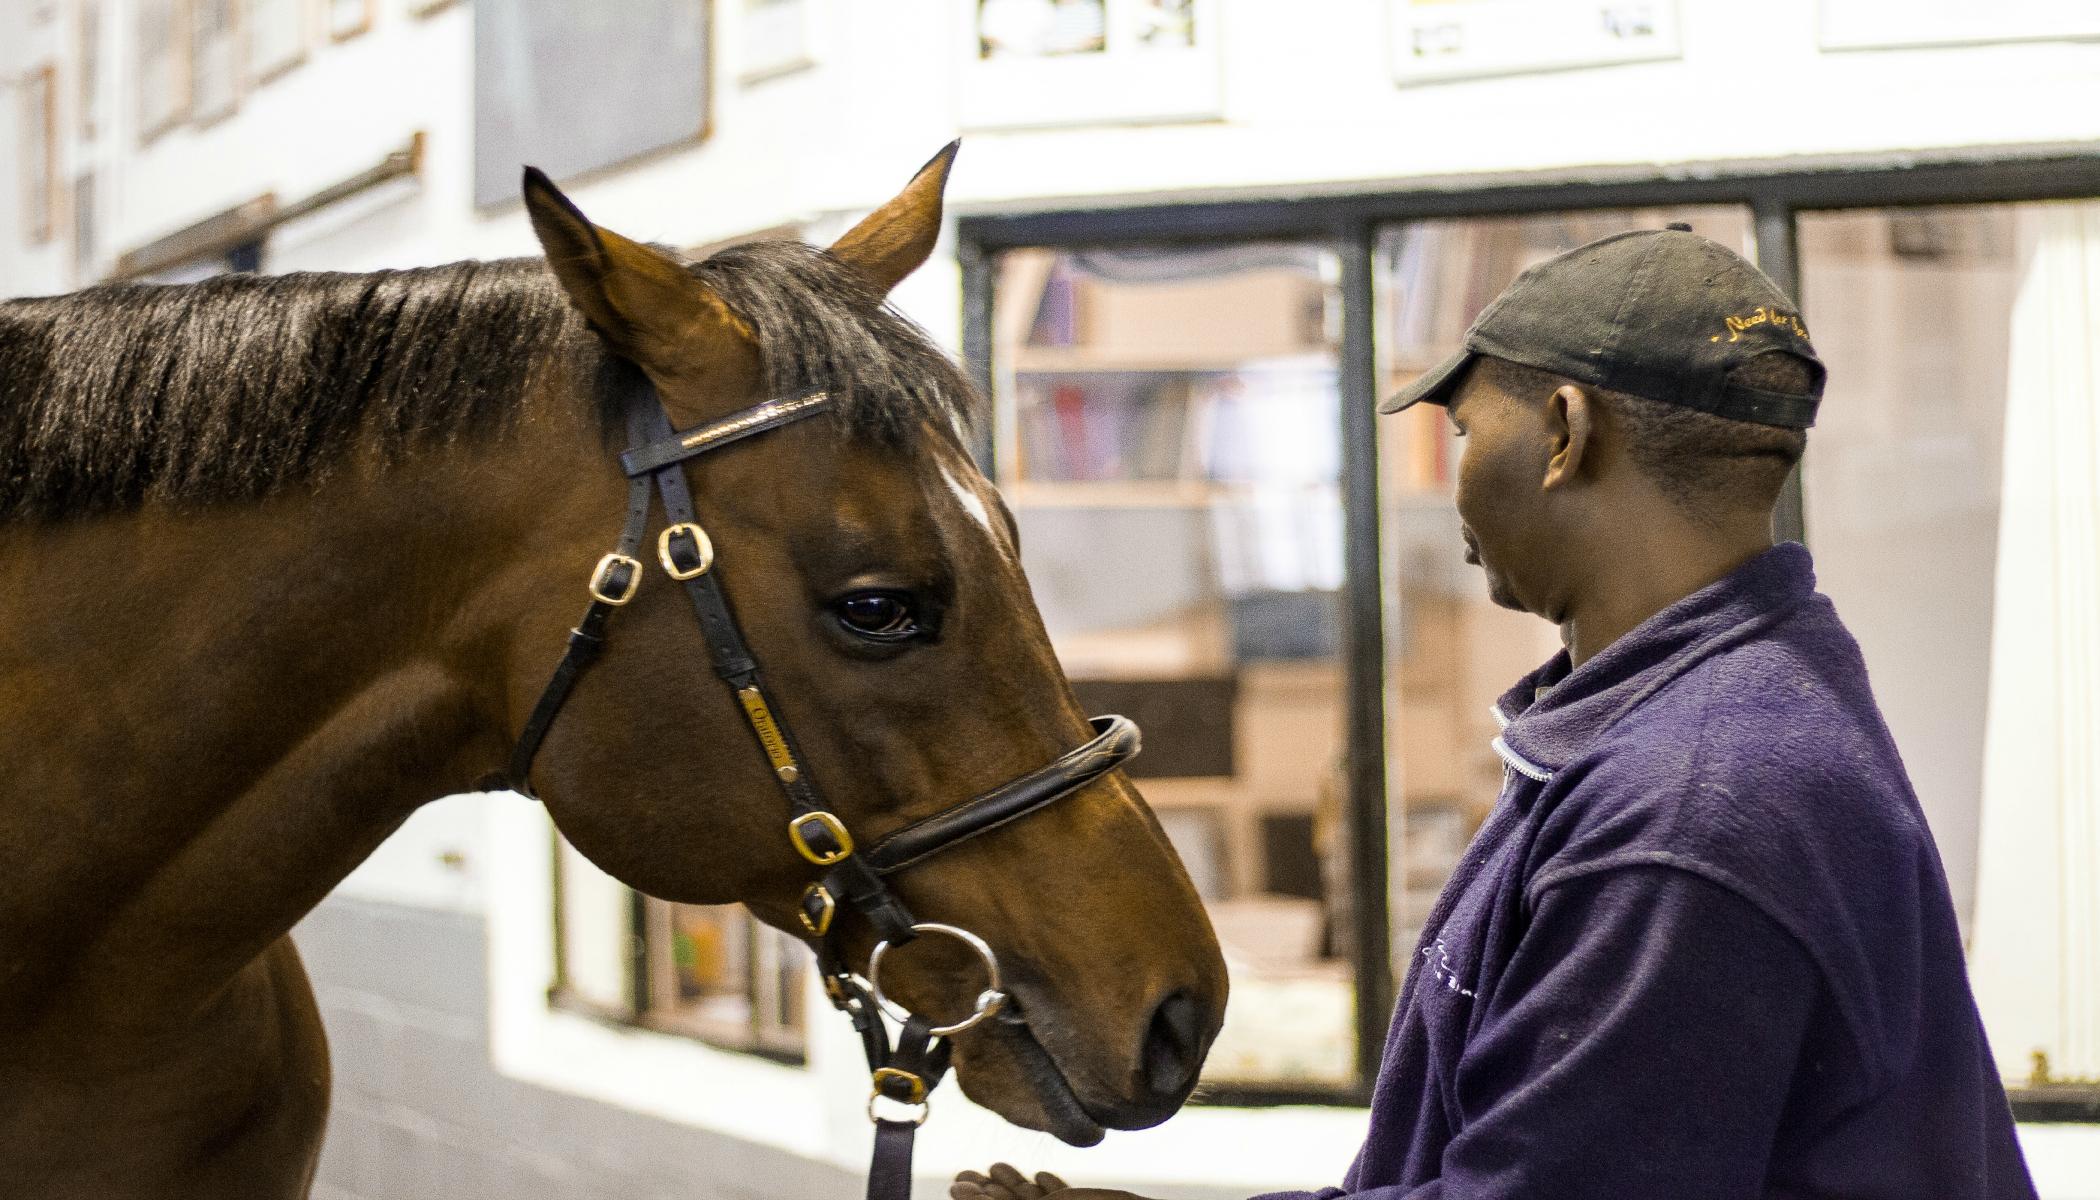 Avontuur stud horse